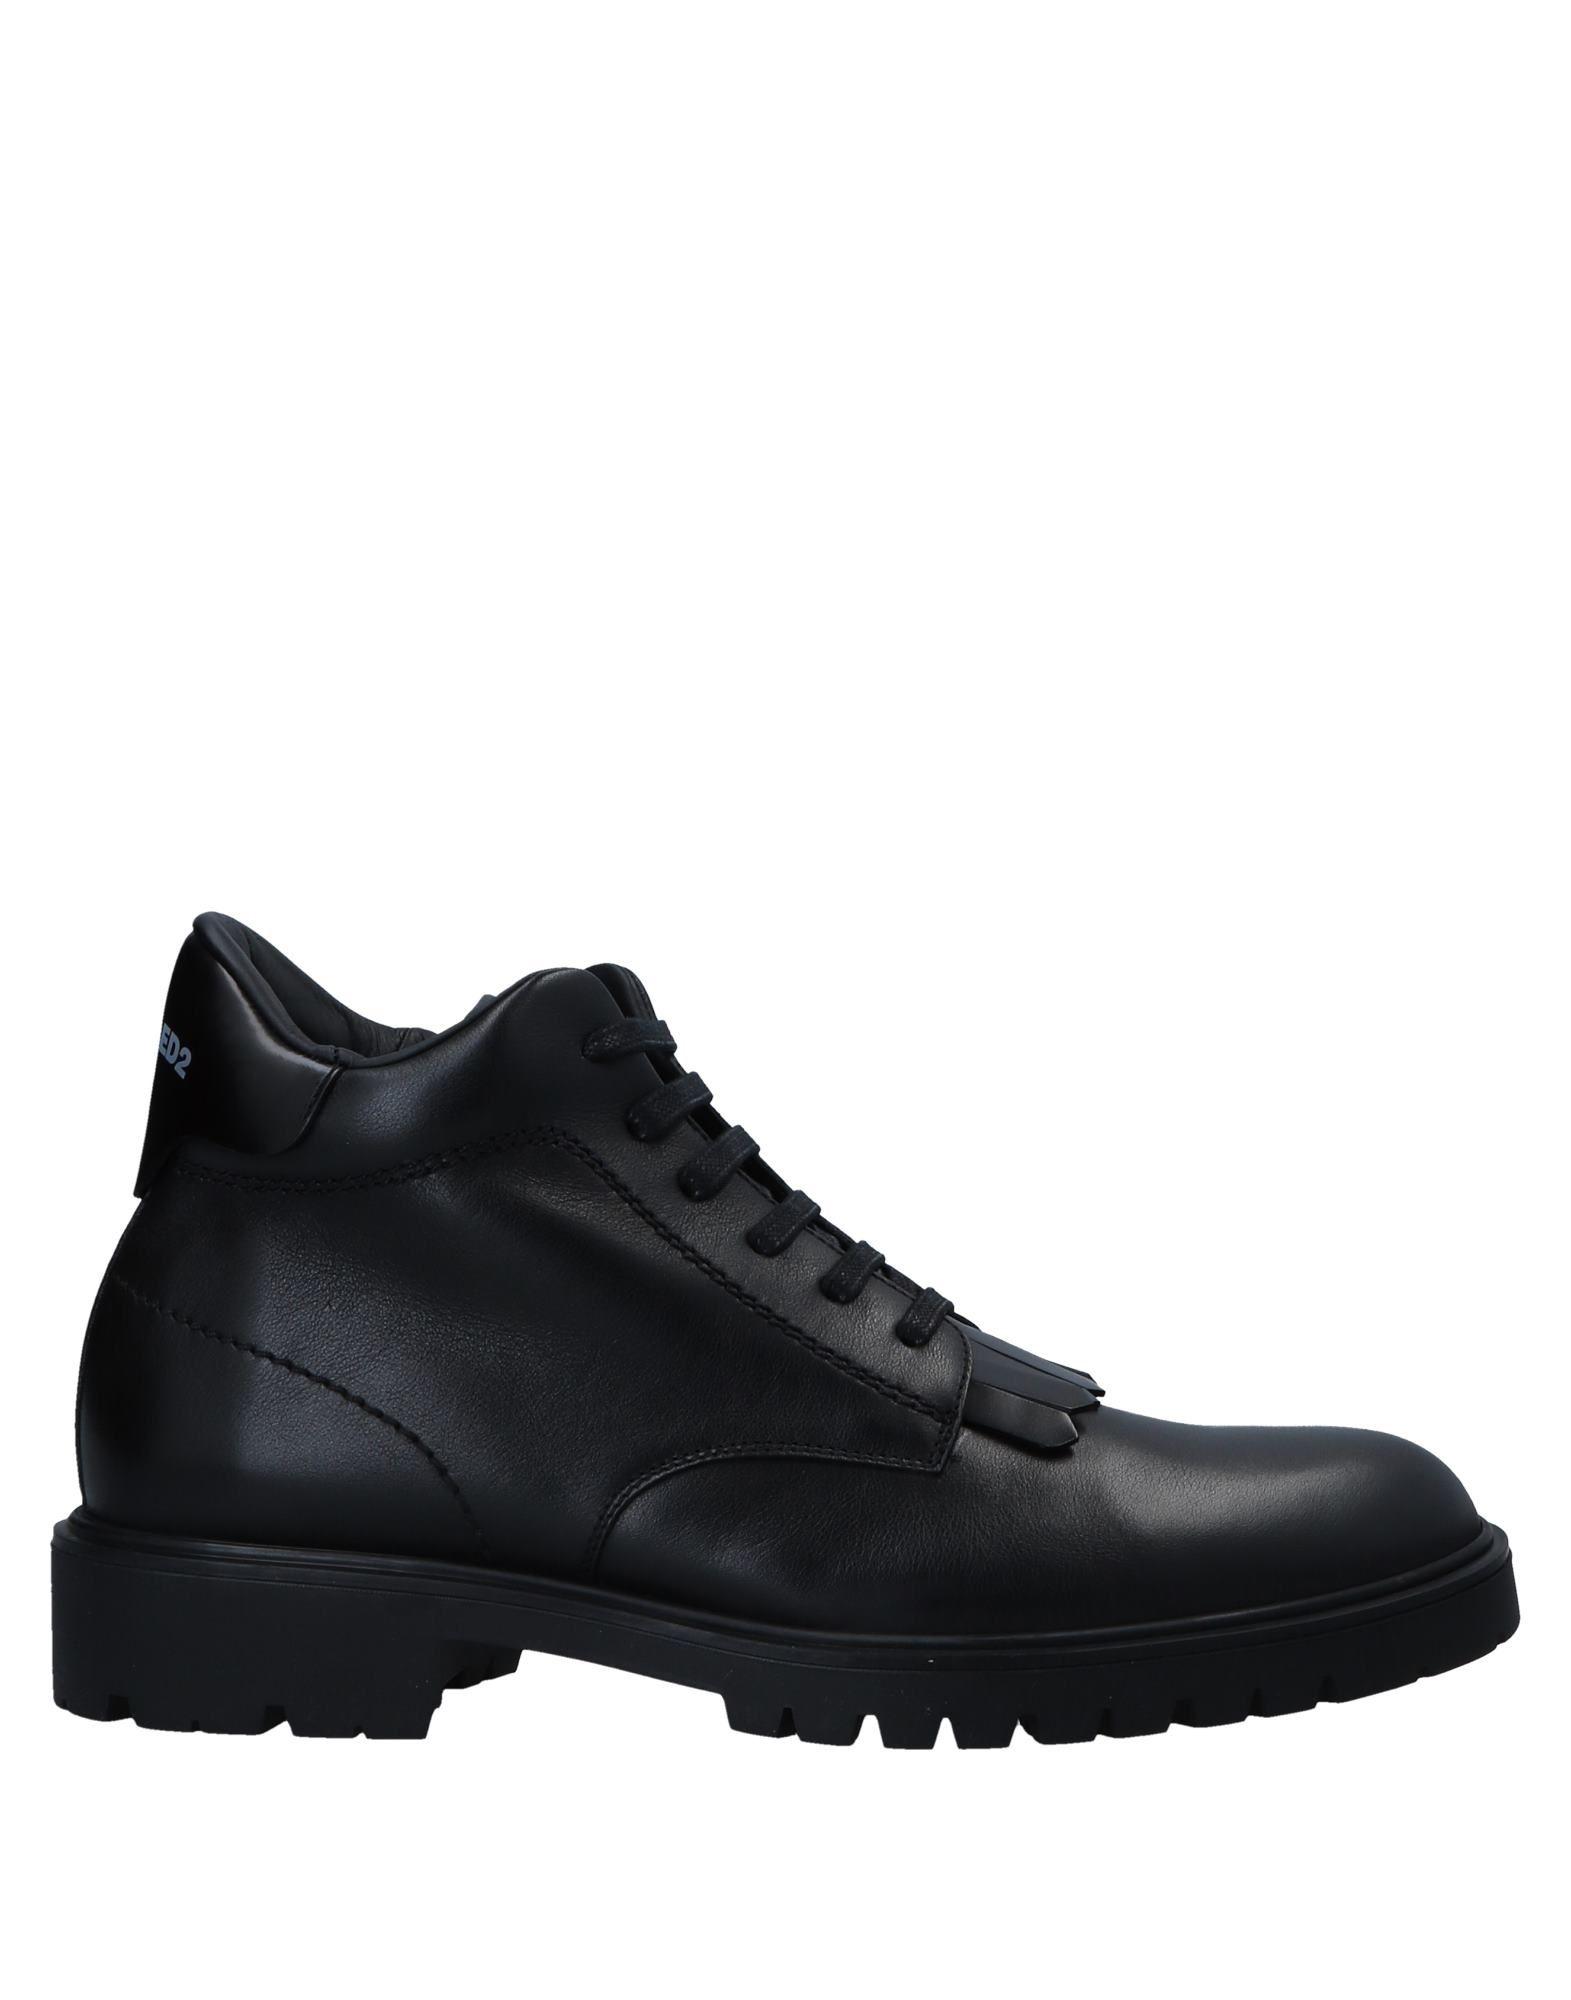 Dsquared2 Stiefelette Herren  11550007EJ Gute Qualität beliebte Schuhe